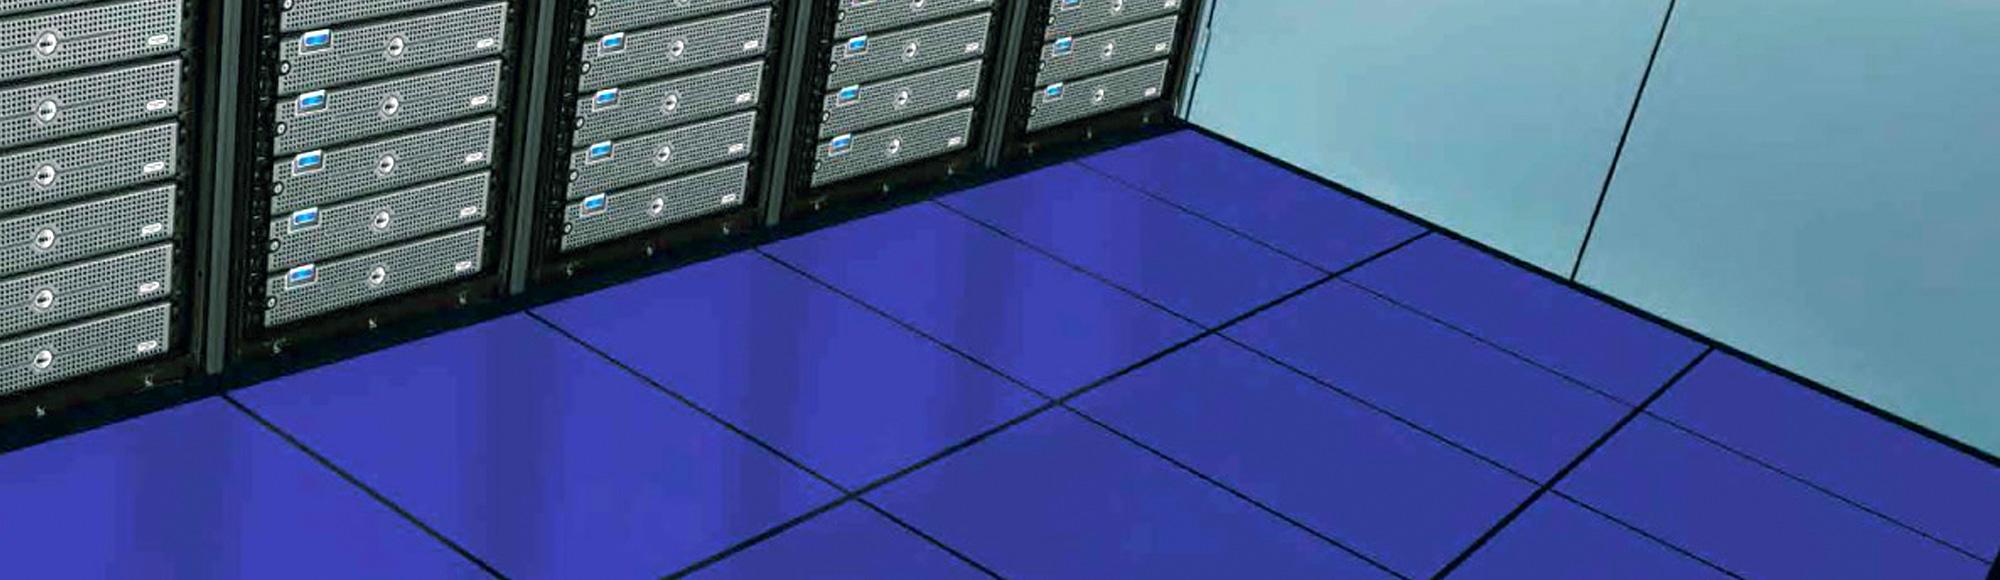 Access Tiles Cz04 Dycem